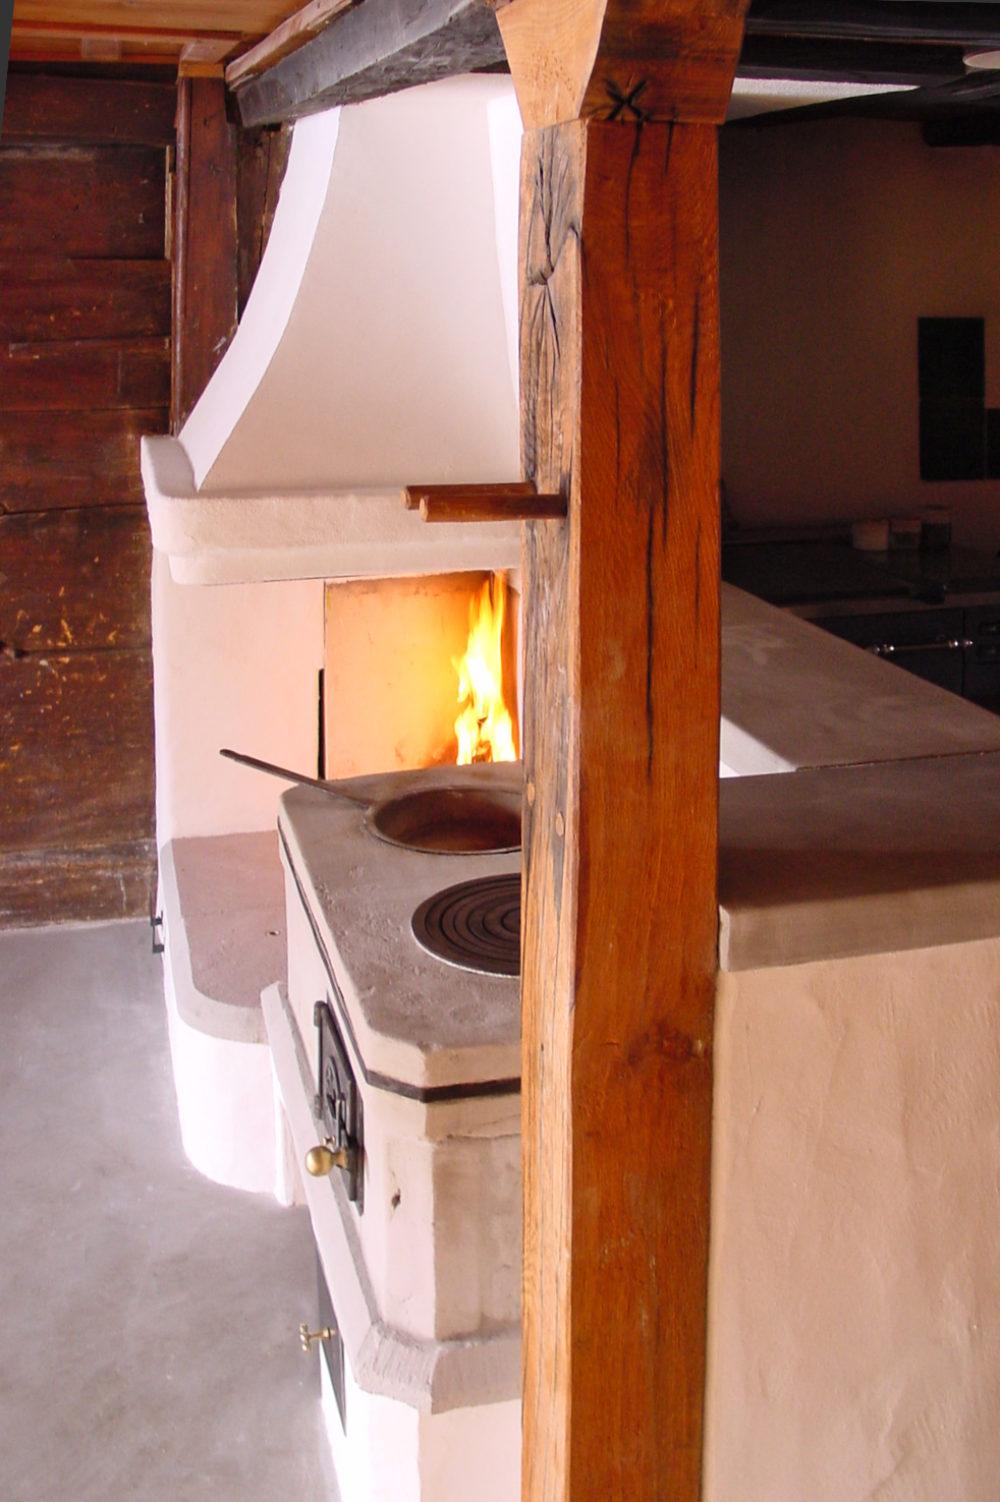 Holzherd aus Sandstein und offene Feuerstelle in Bäretswil